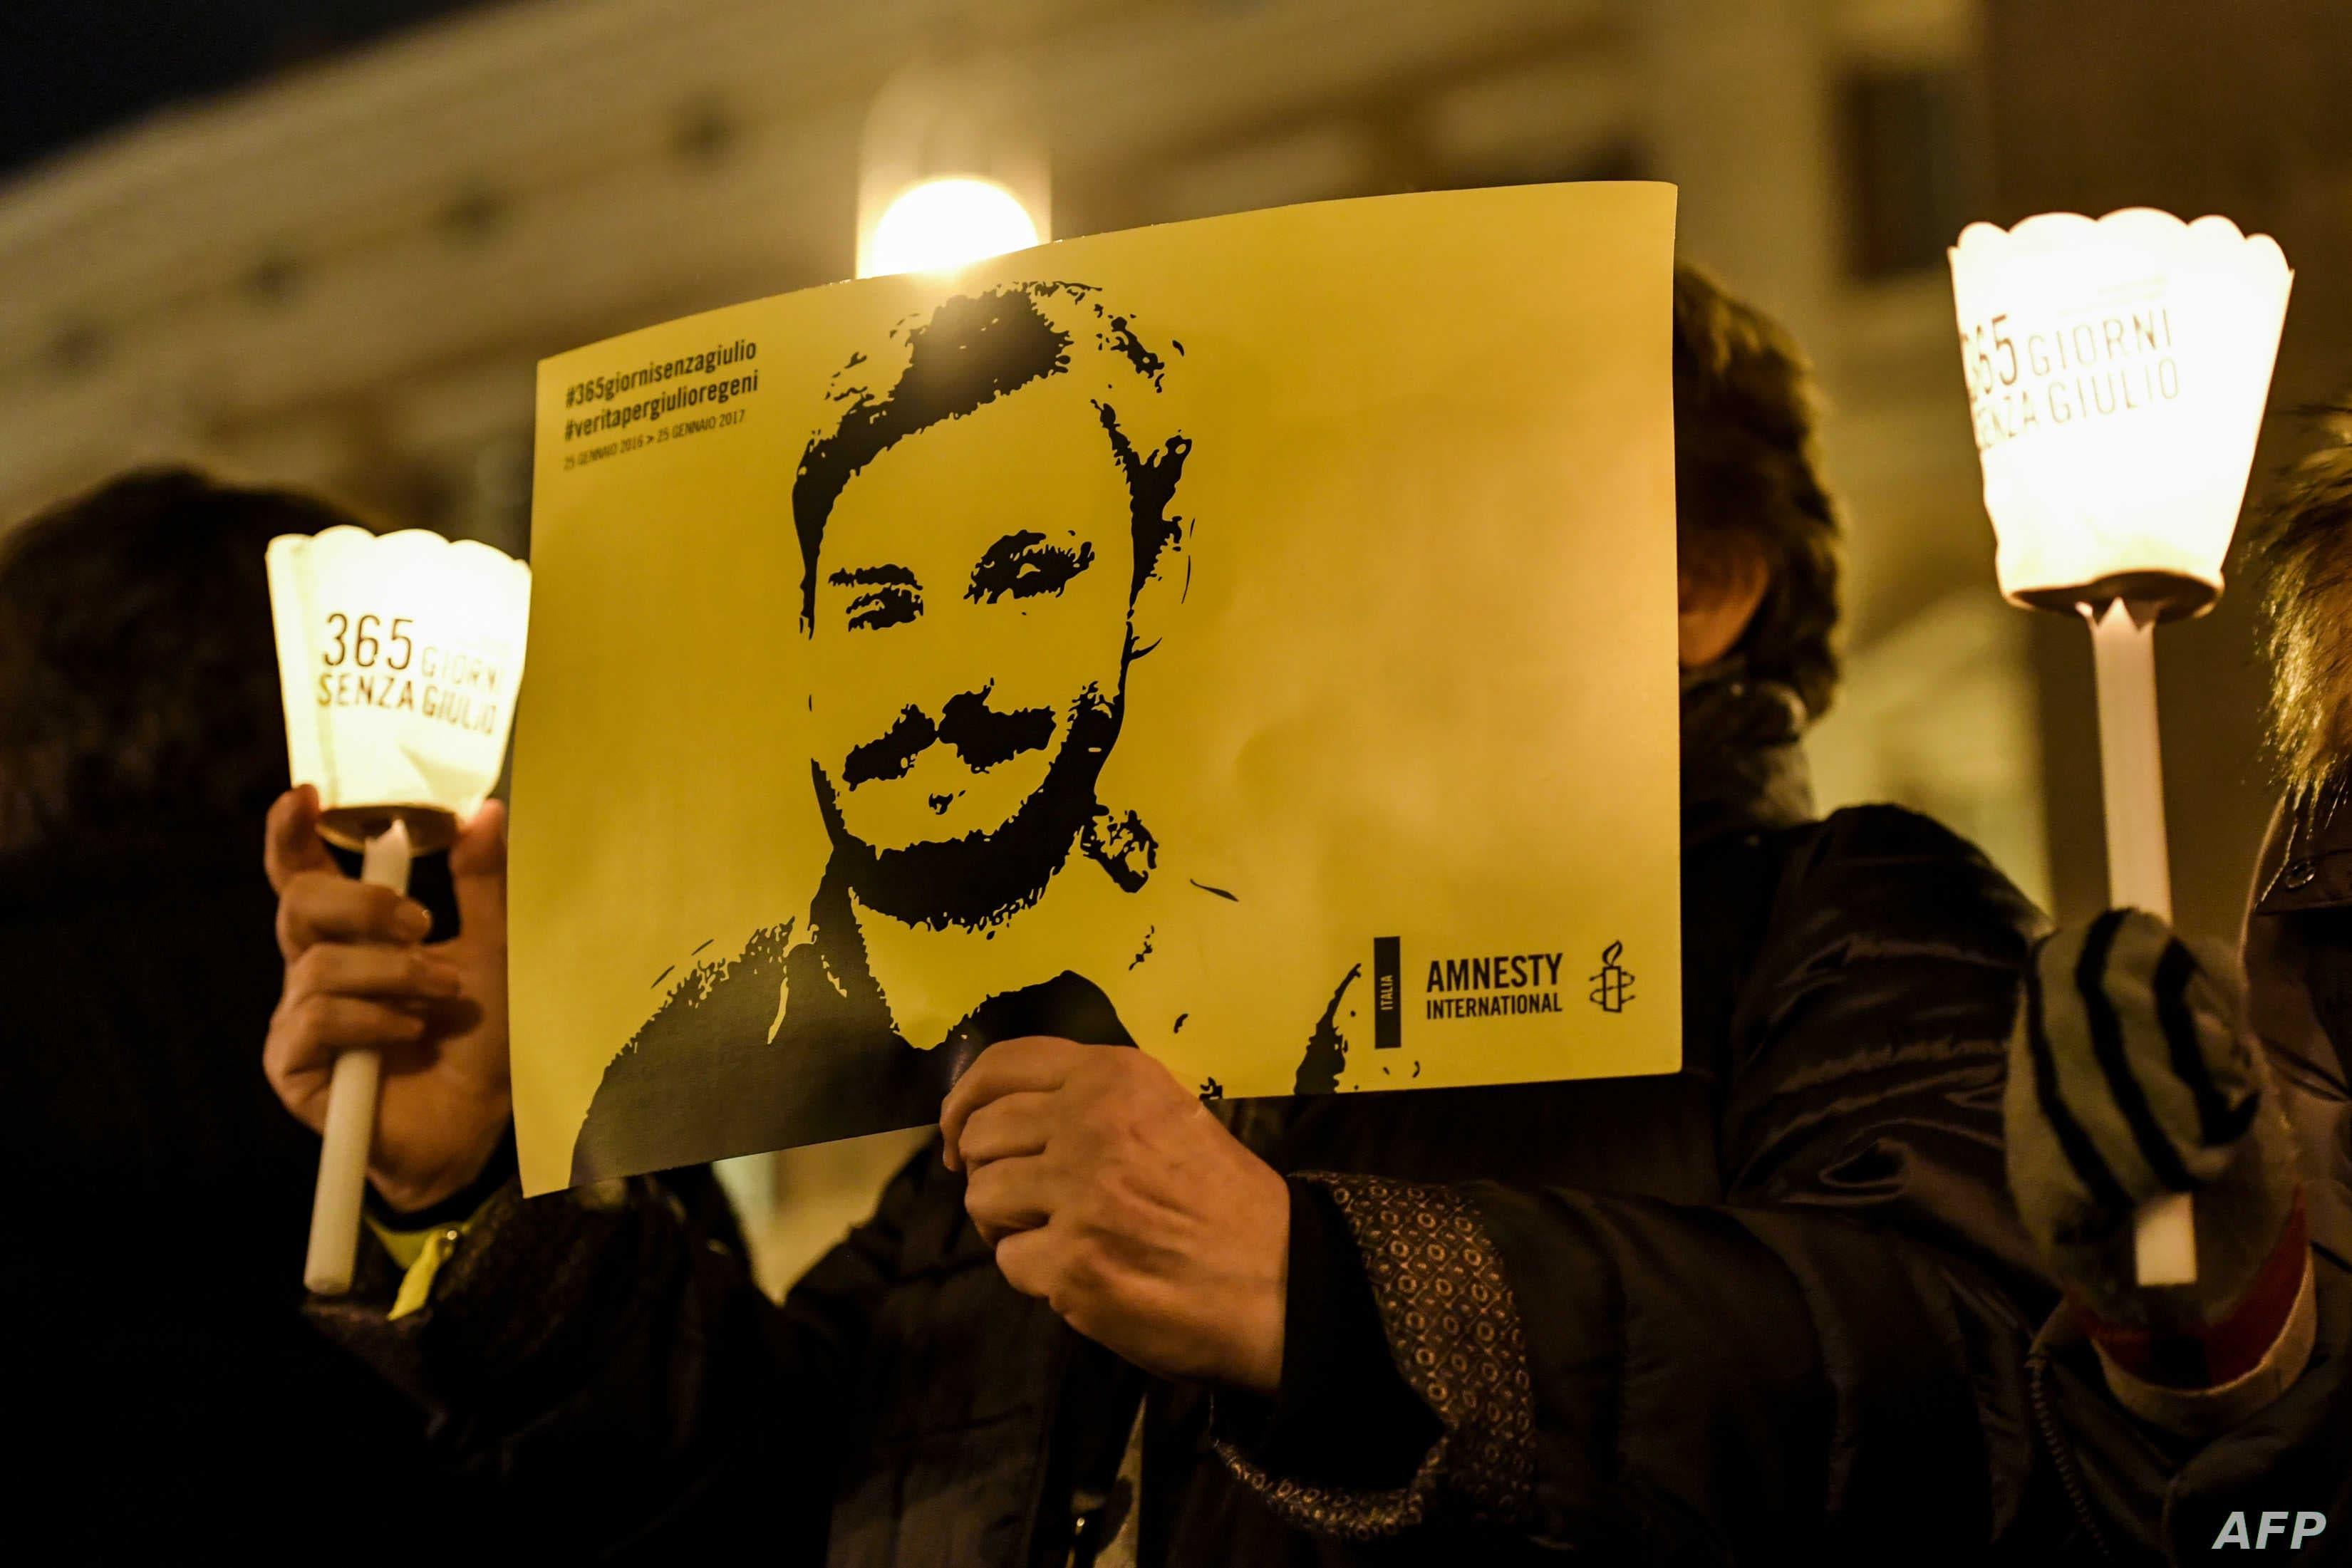 إيطاليا: 4 عملاء مصريين قتلوا ريجيني